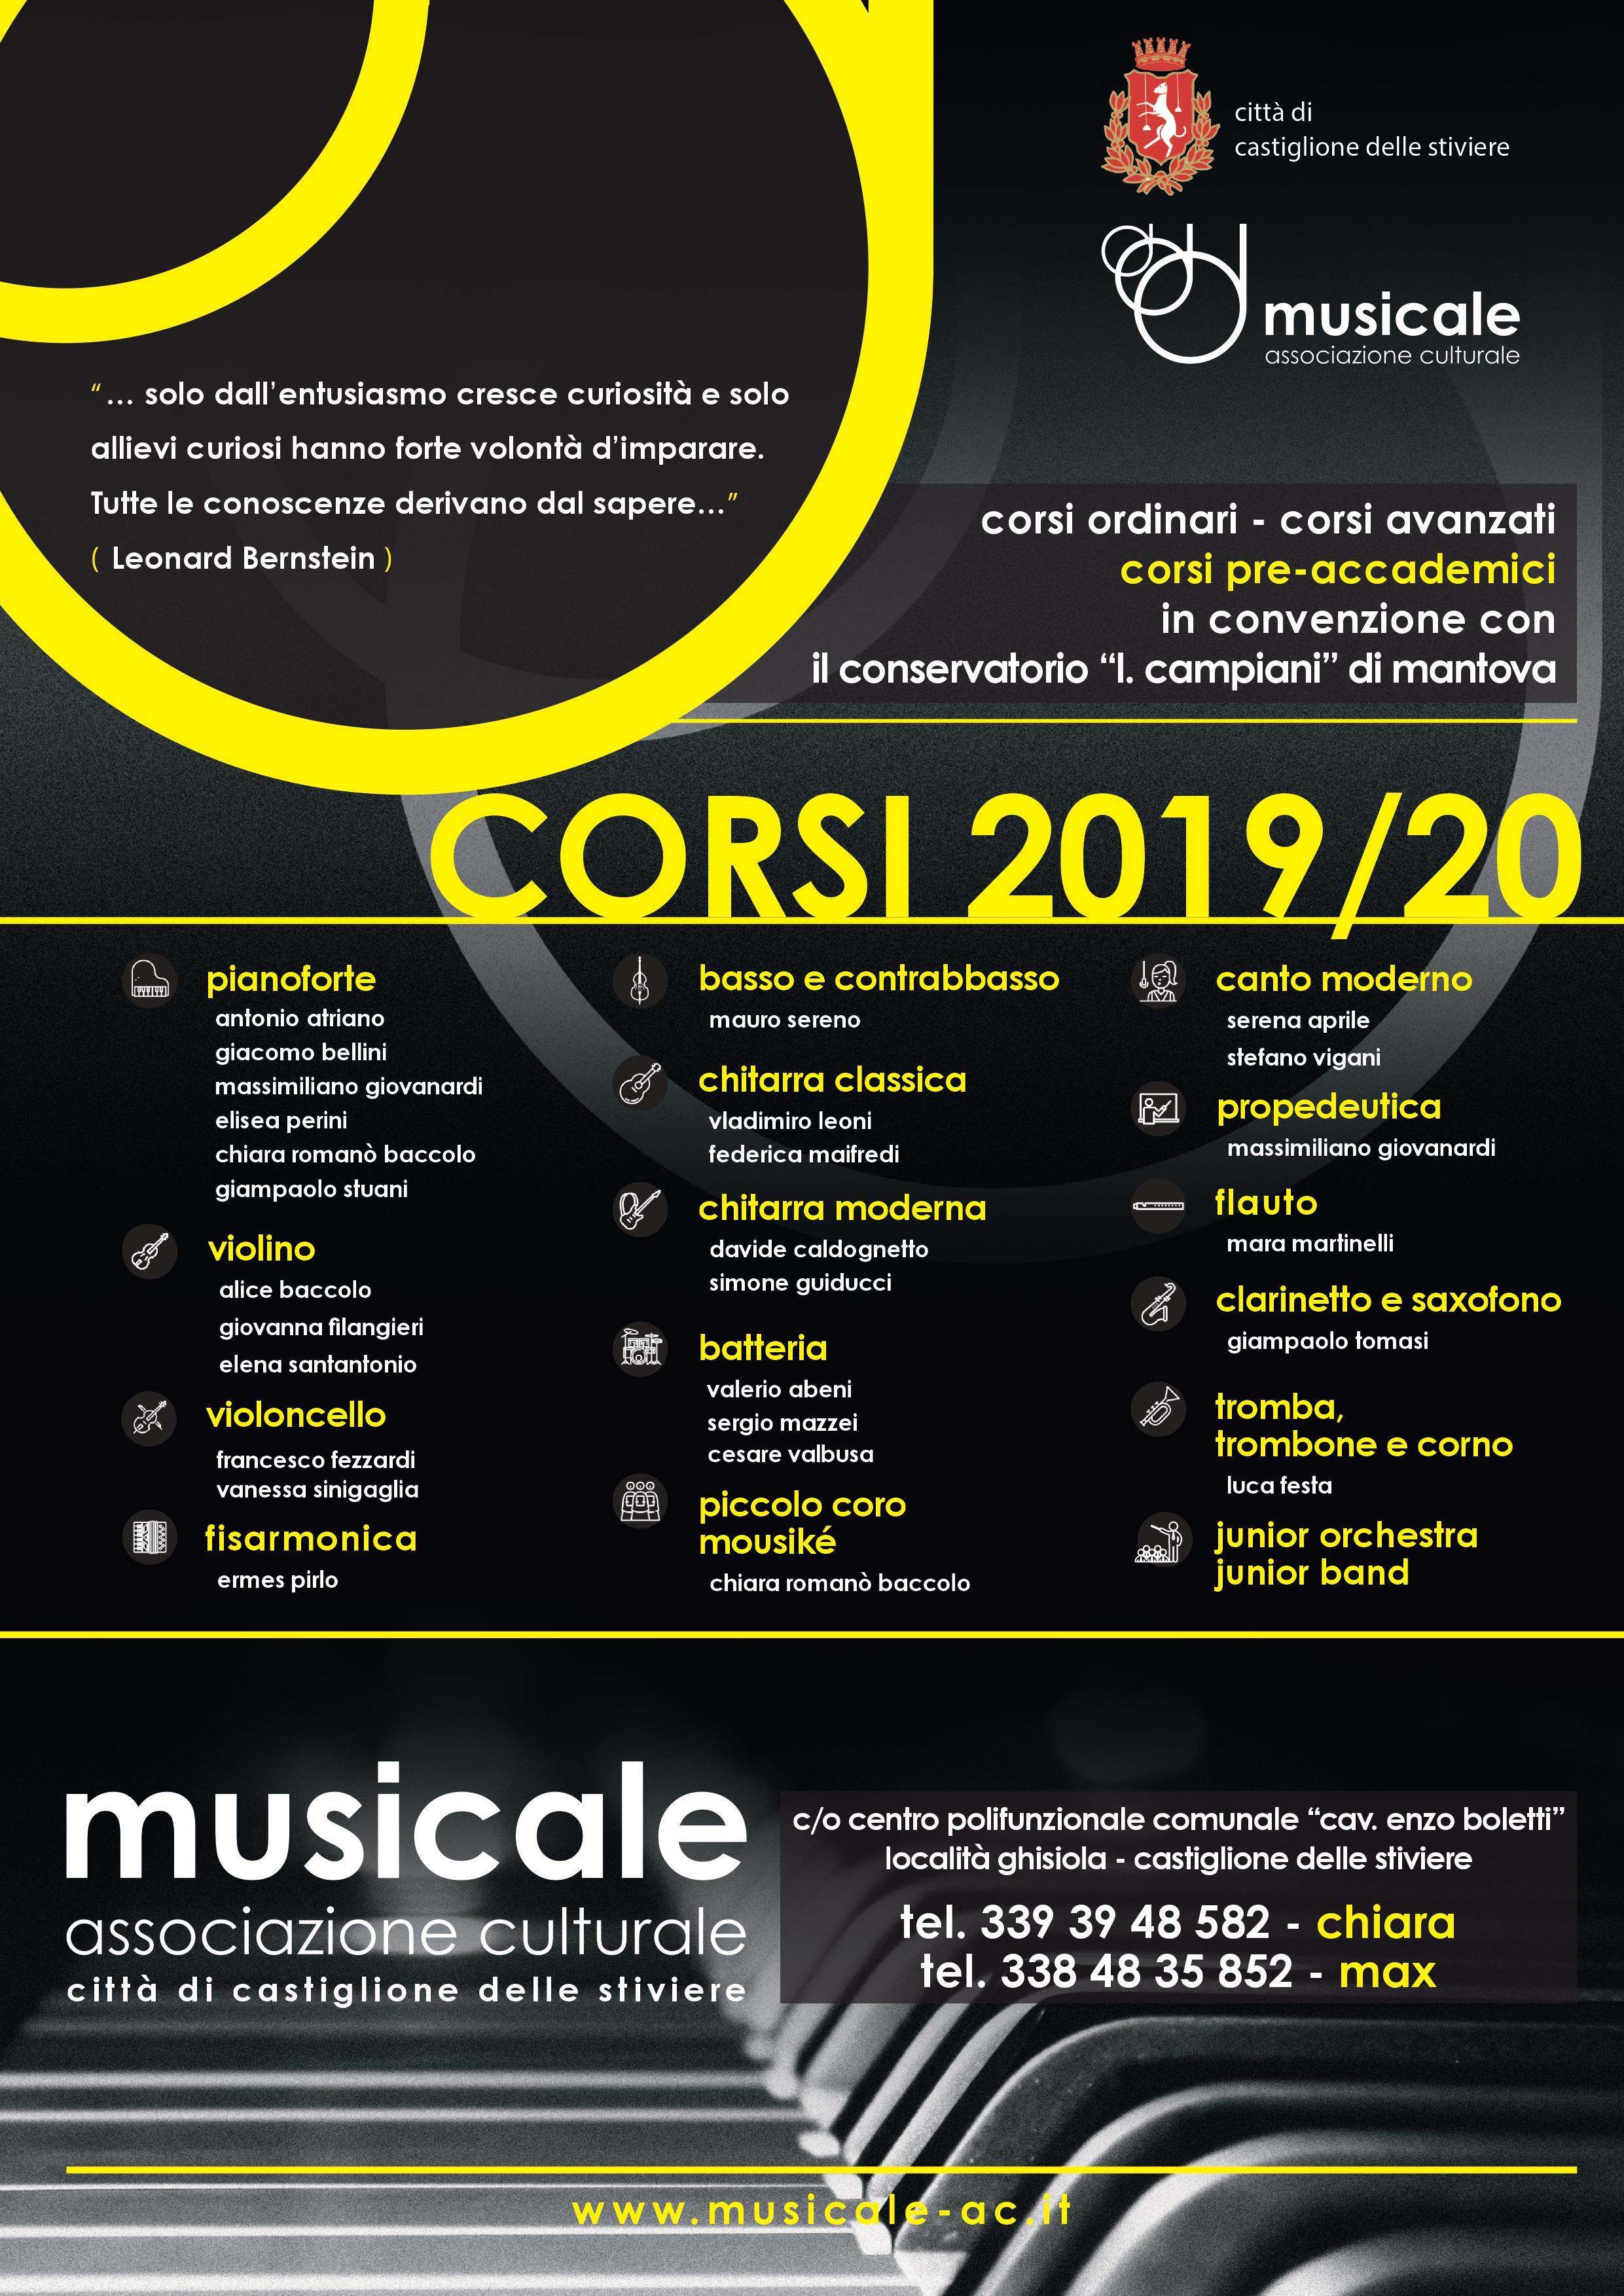 Corsi 2019-20